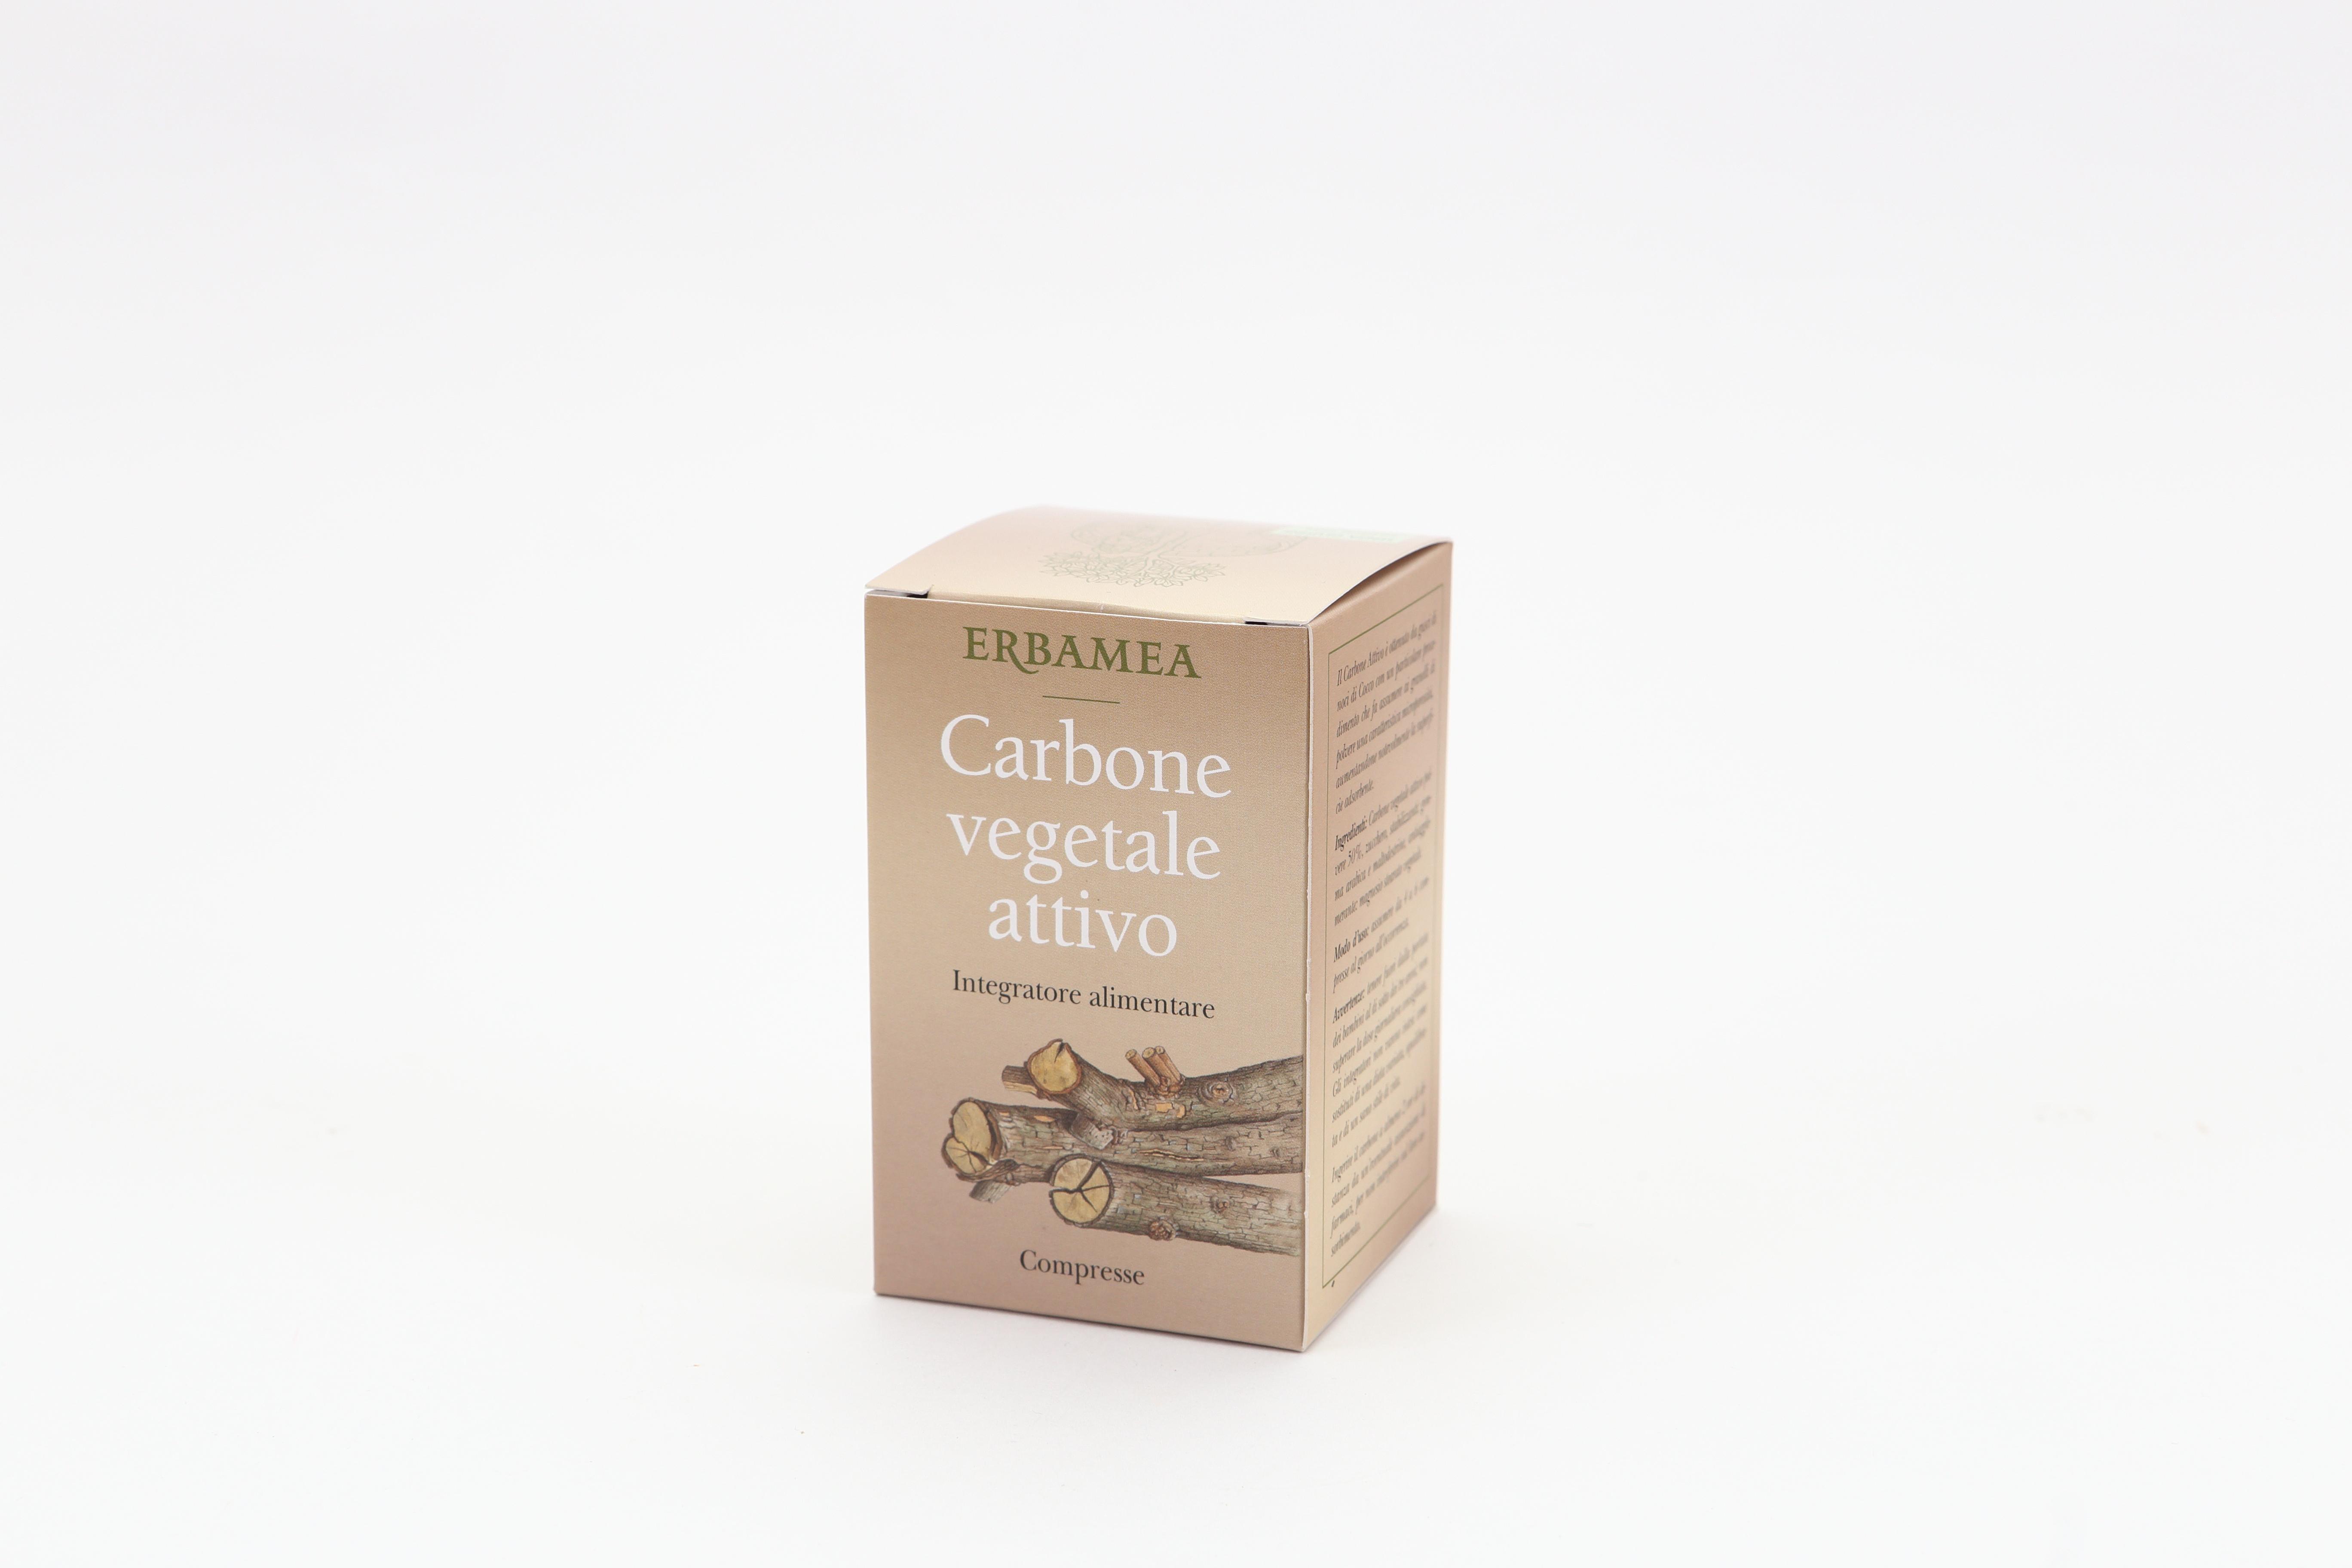 Carbone vegetale attivo erbamea naturalmente erboristeria - Il carbone vegetale fa andare in bagno ...